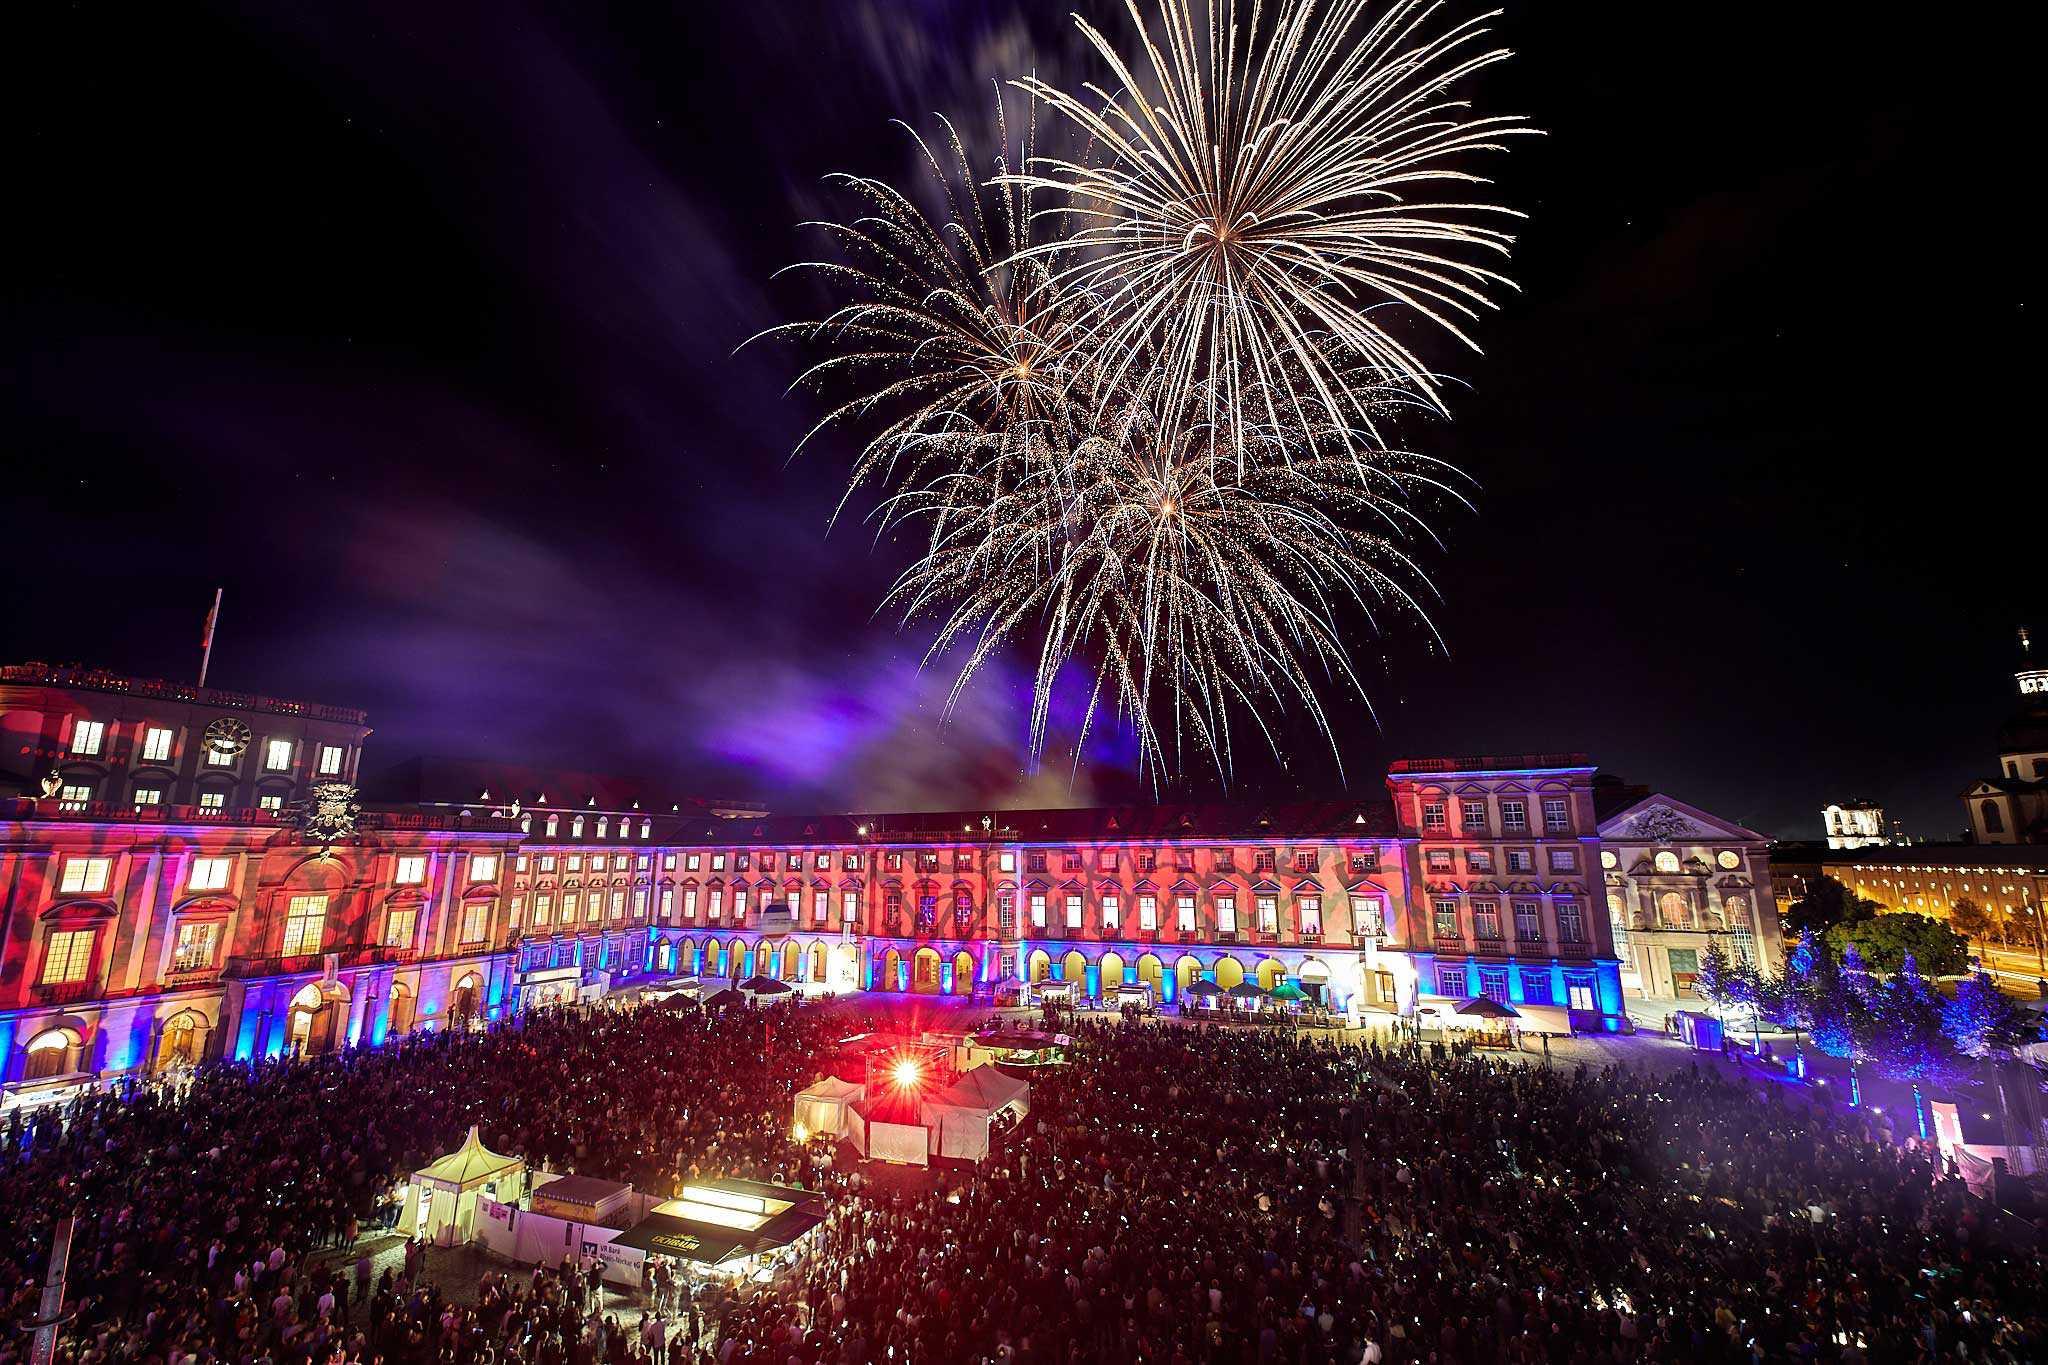 Schlossfest2018_Feuerwerk